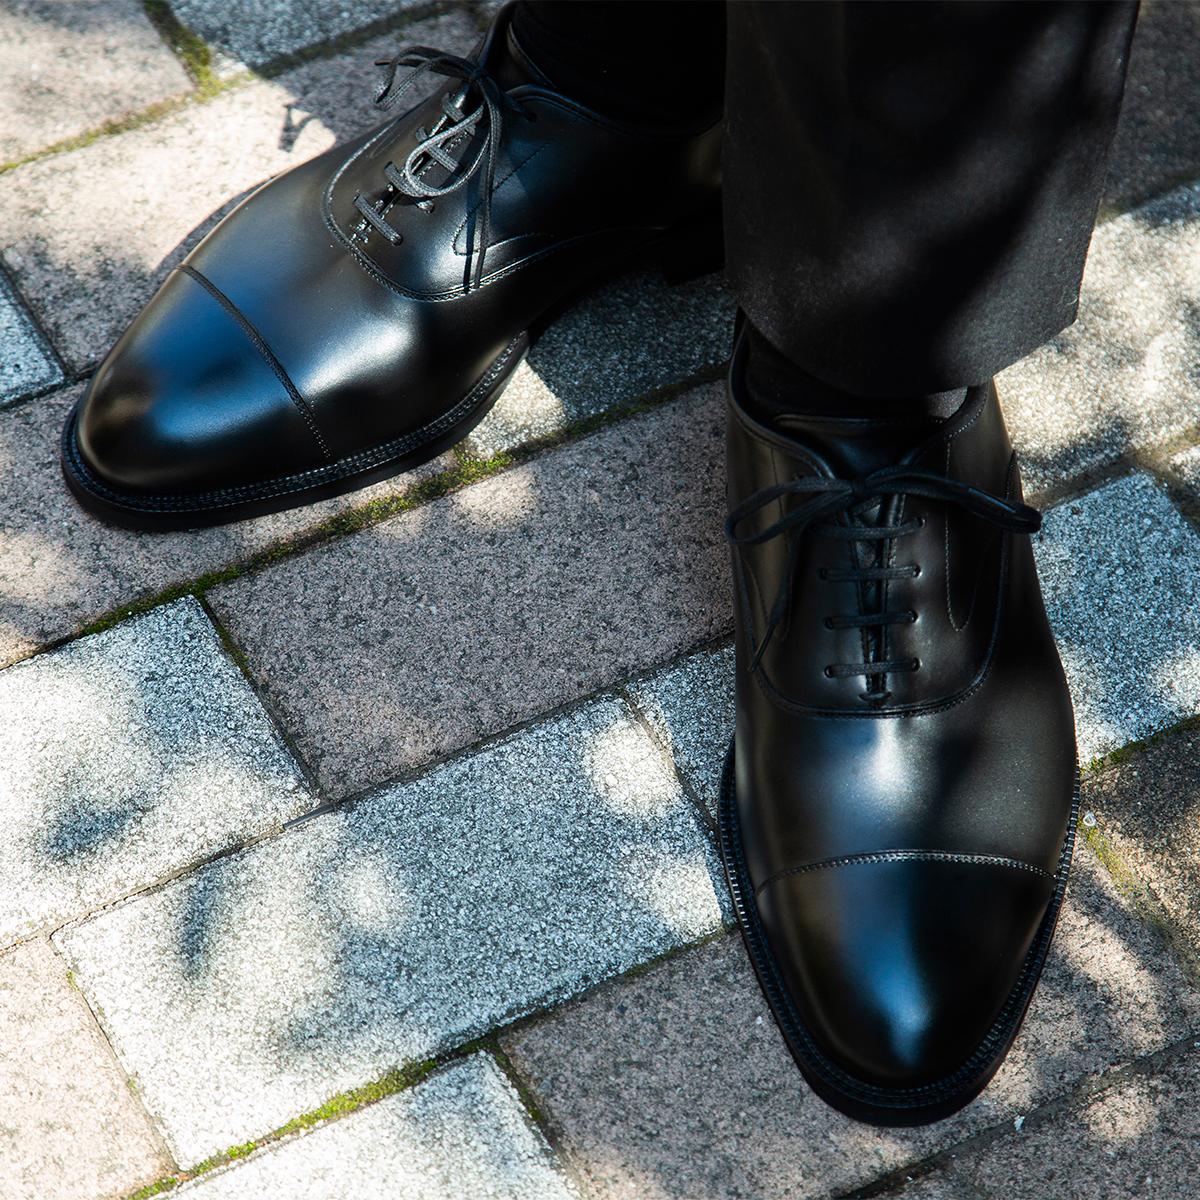 水も滴るいい「紳士靴」|雨水が染み込まない・継ぎ目なしの防水構造、まるで革靴のような気品漂う「レインシューズ」|三陽山長